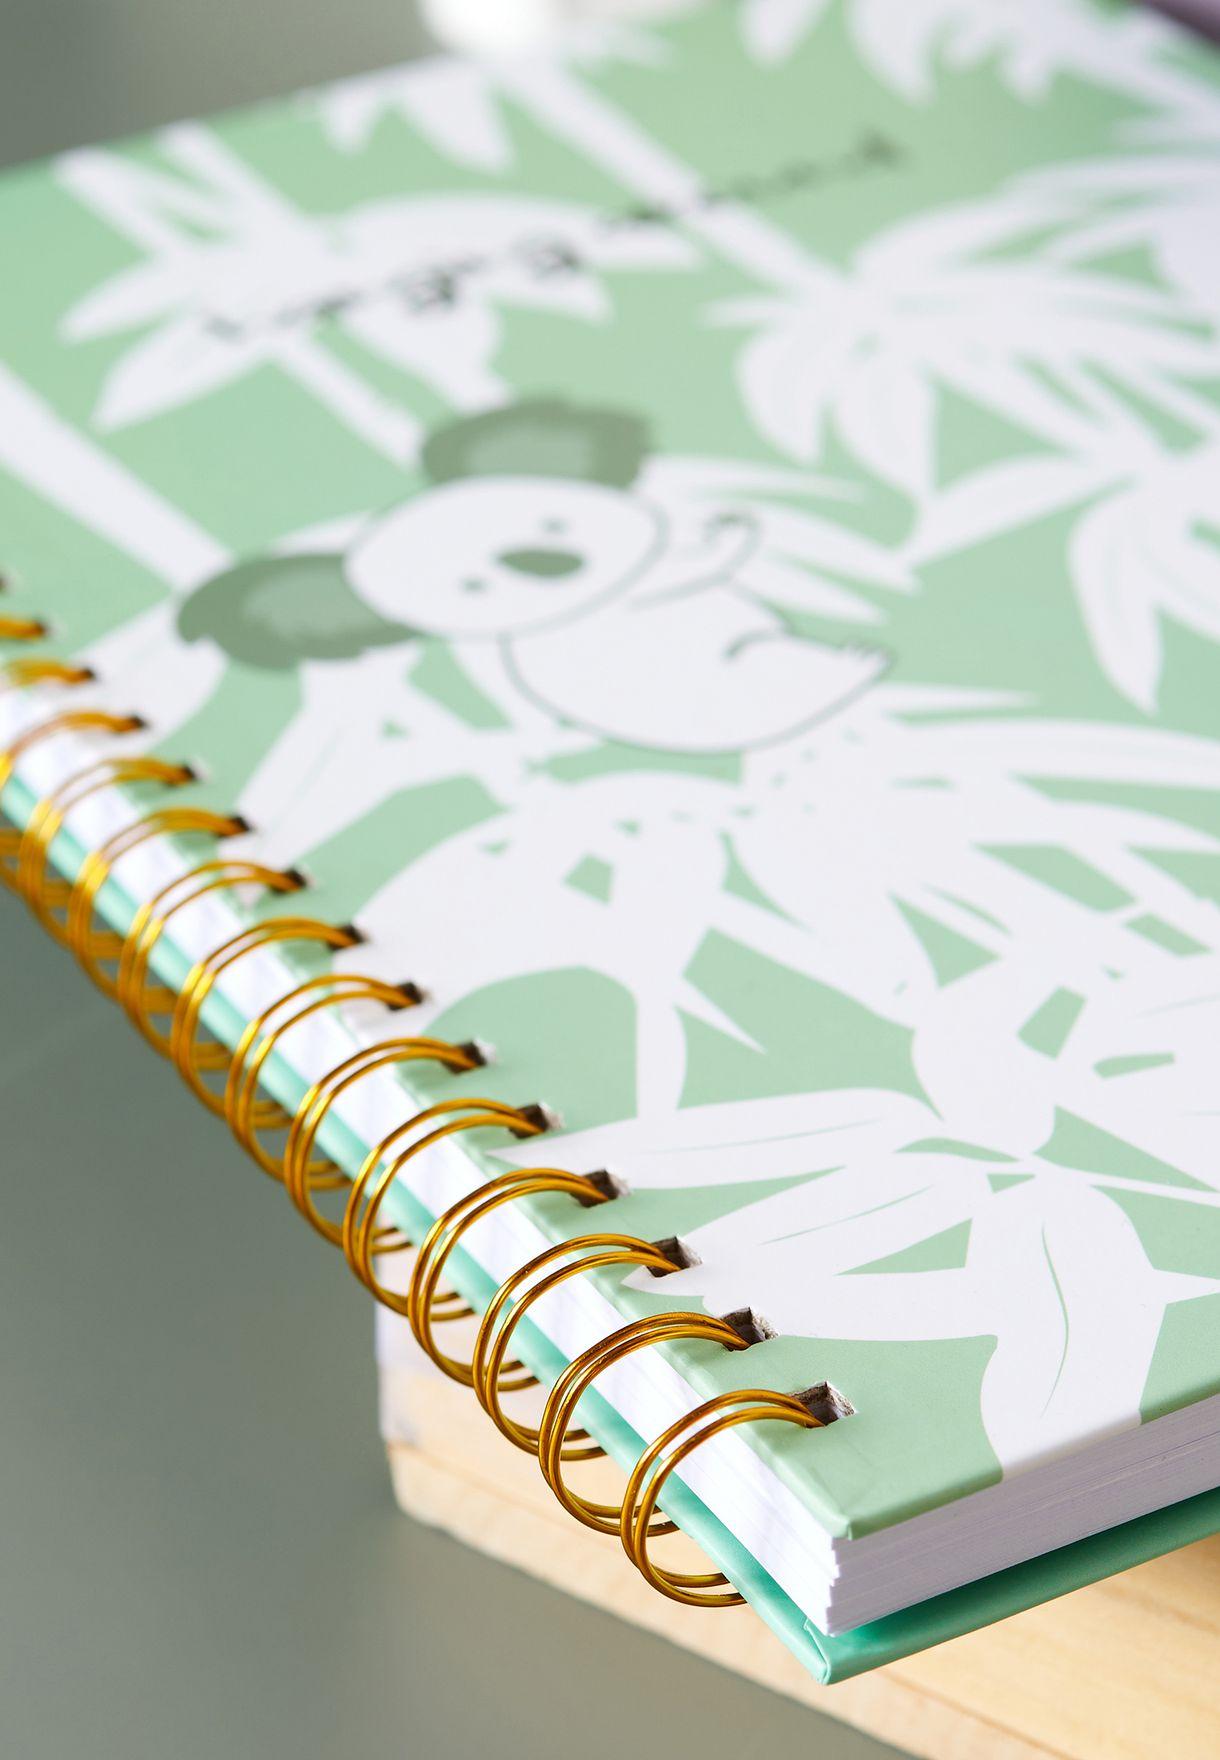 دفتر ملاحظات A4 بطباعة زهور